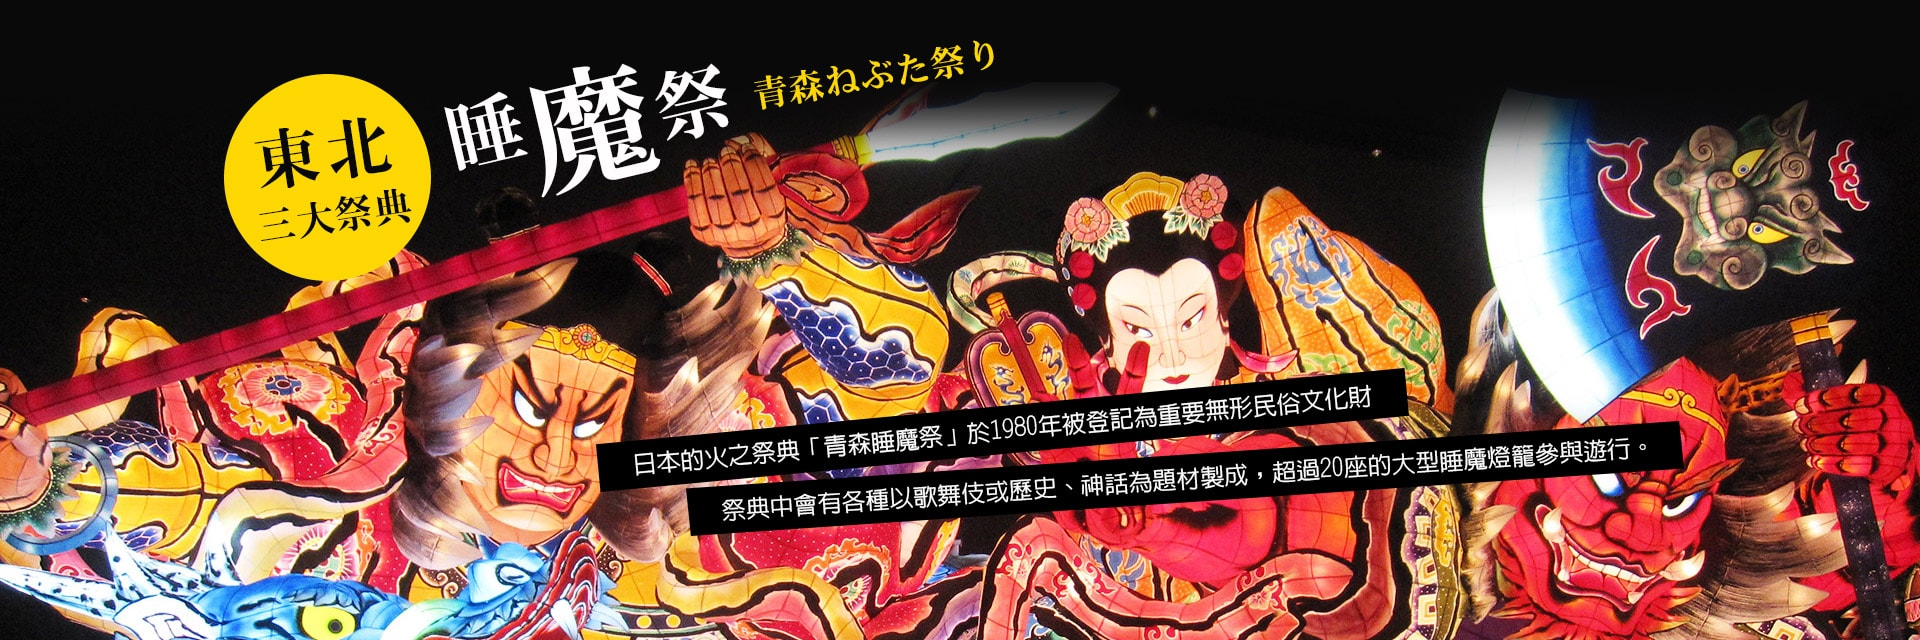 上順旅遊、日本旅遊、東北、睡魔祭